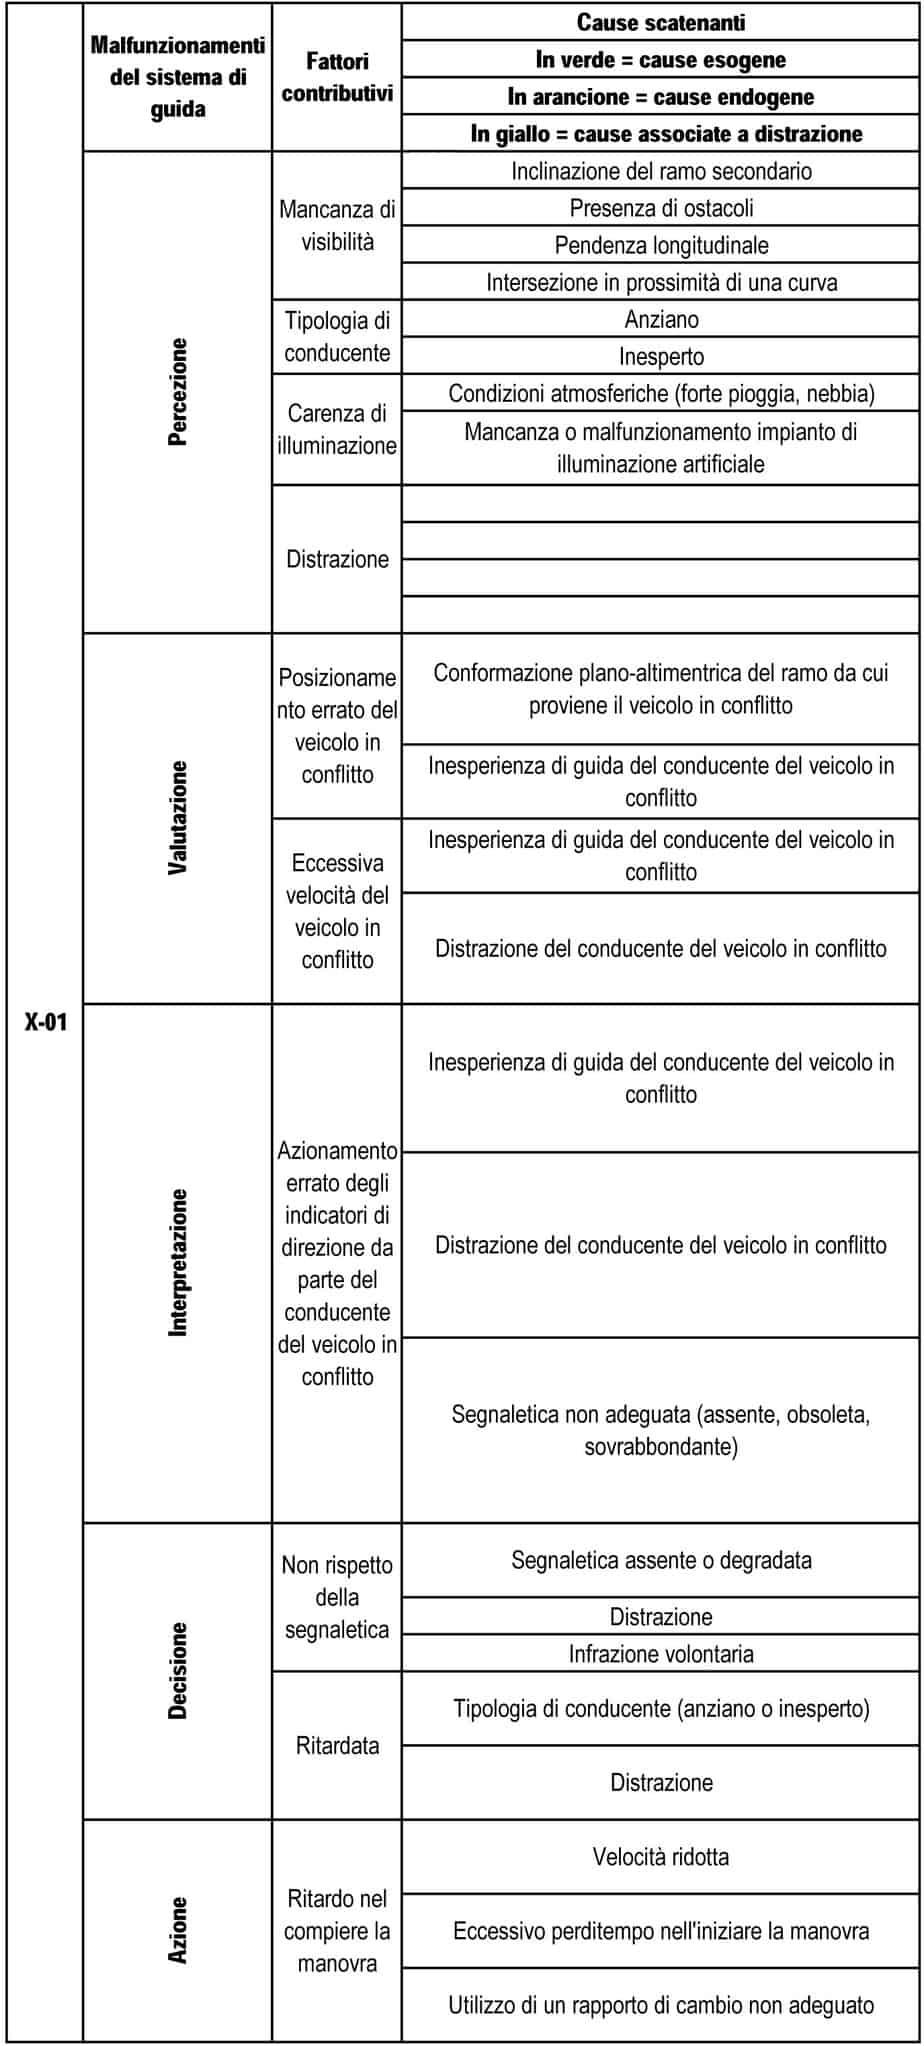 La matrice dei guasti relativa allo scenario critico per l'intersezione oggetto di studio